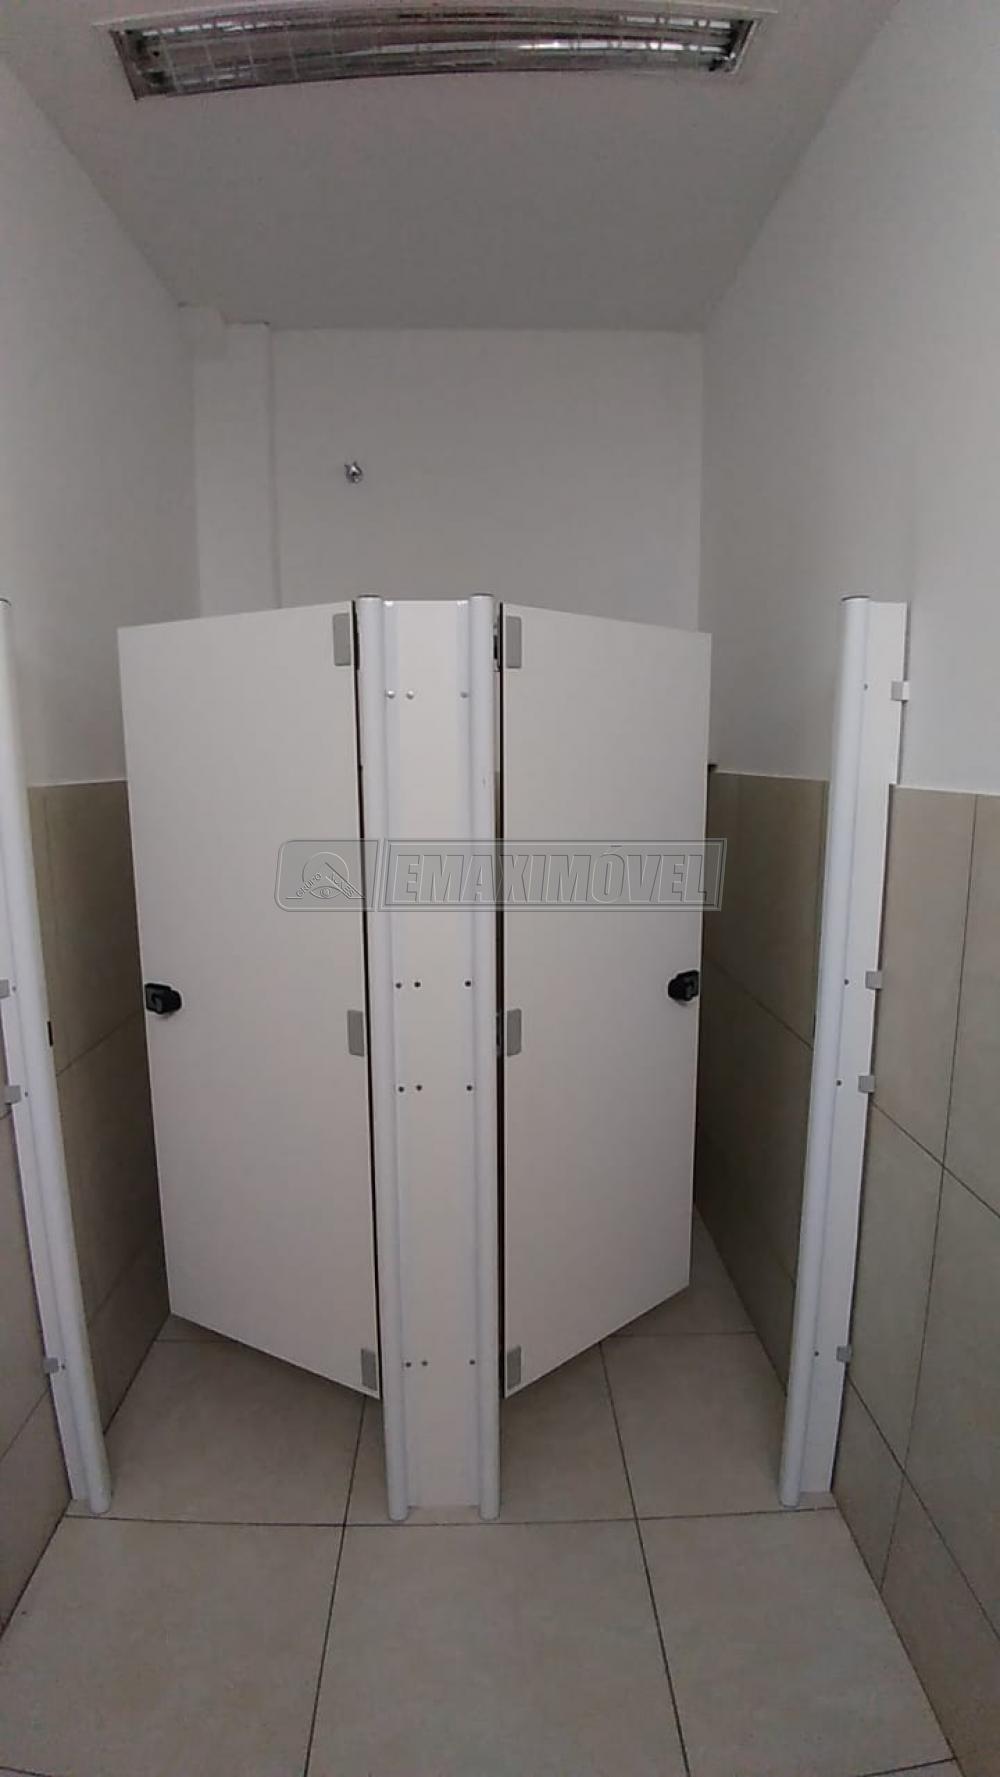 Alugar Comercial / Salões em Sorocaba apenas R$ 2.190,00 - Foto 8